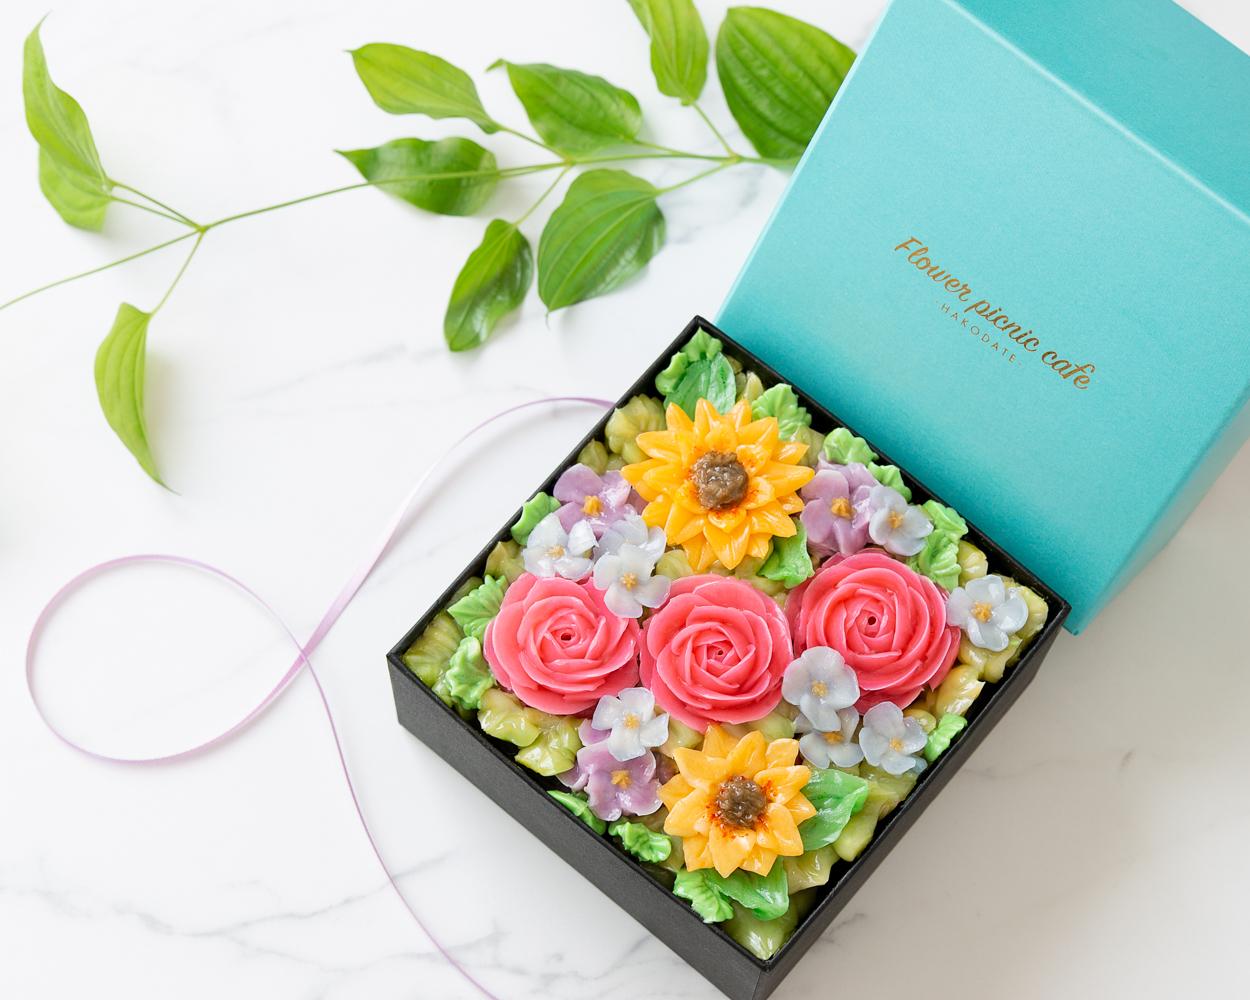 『夏ギフト2021』【Summer Jewel】食べられるお花のボックスフラワーケーキ